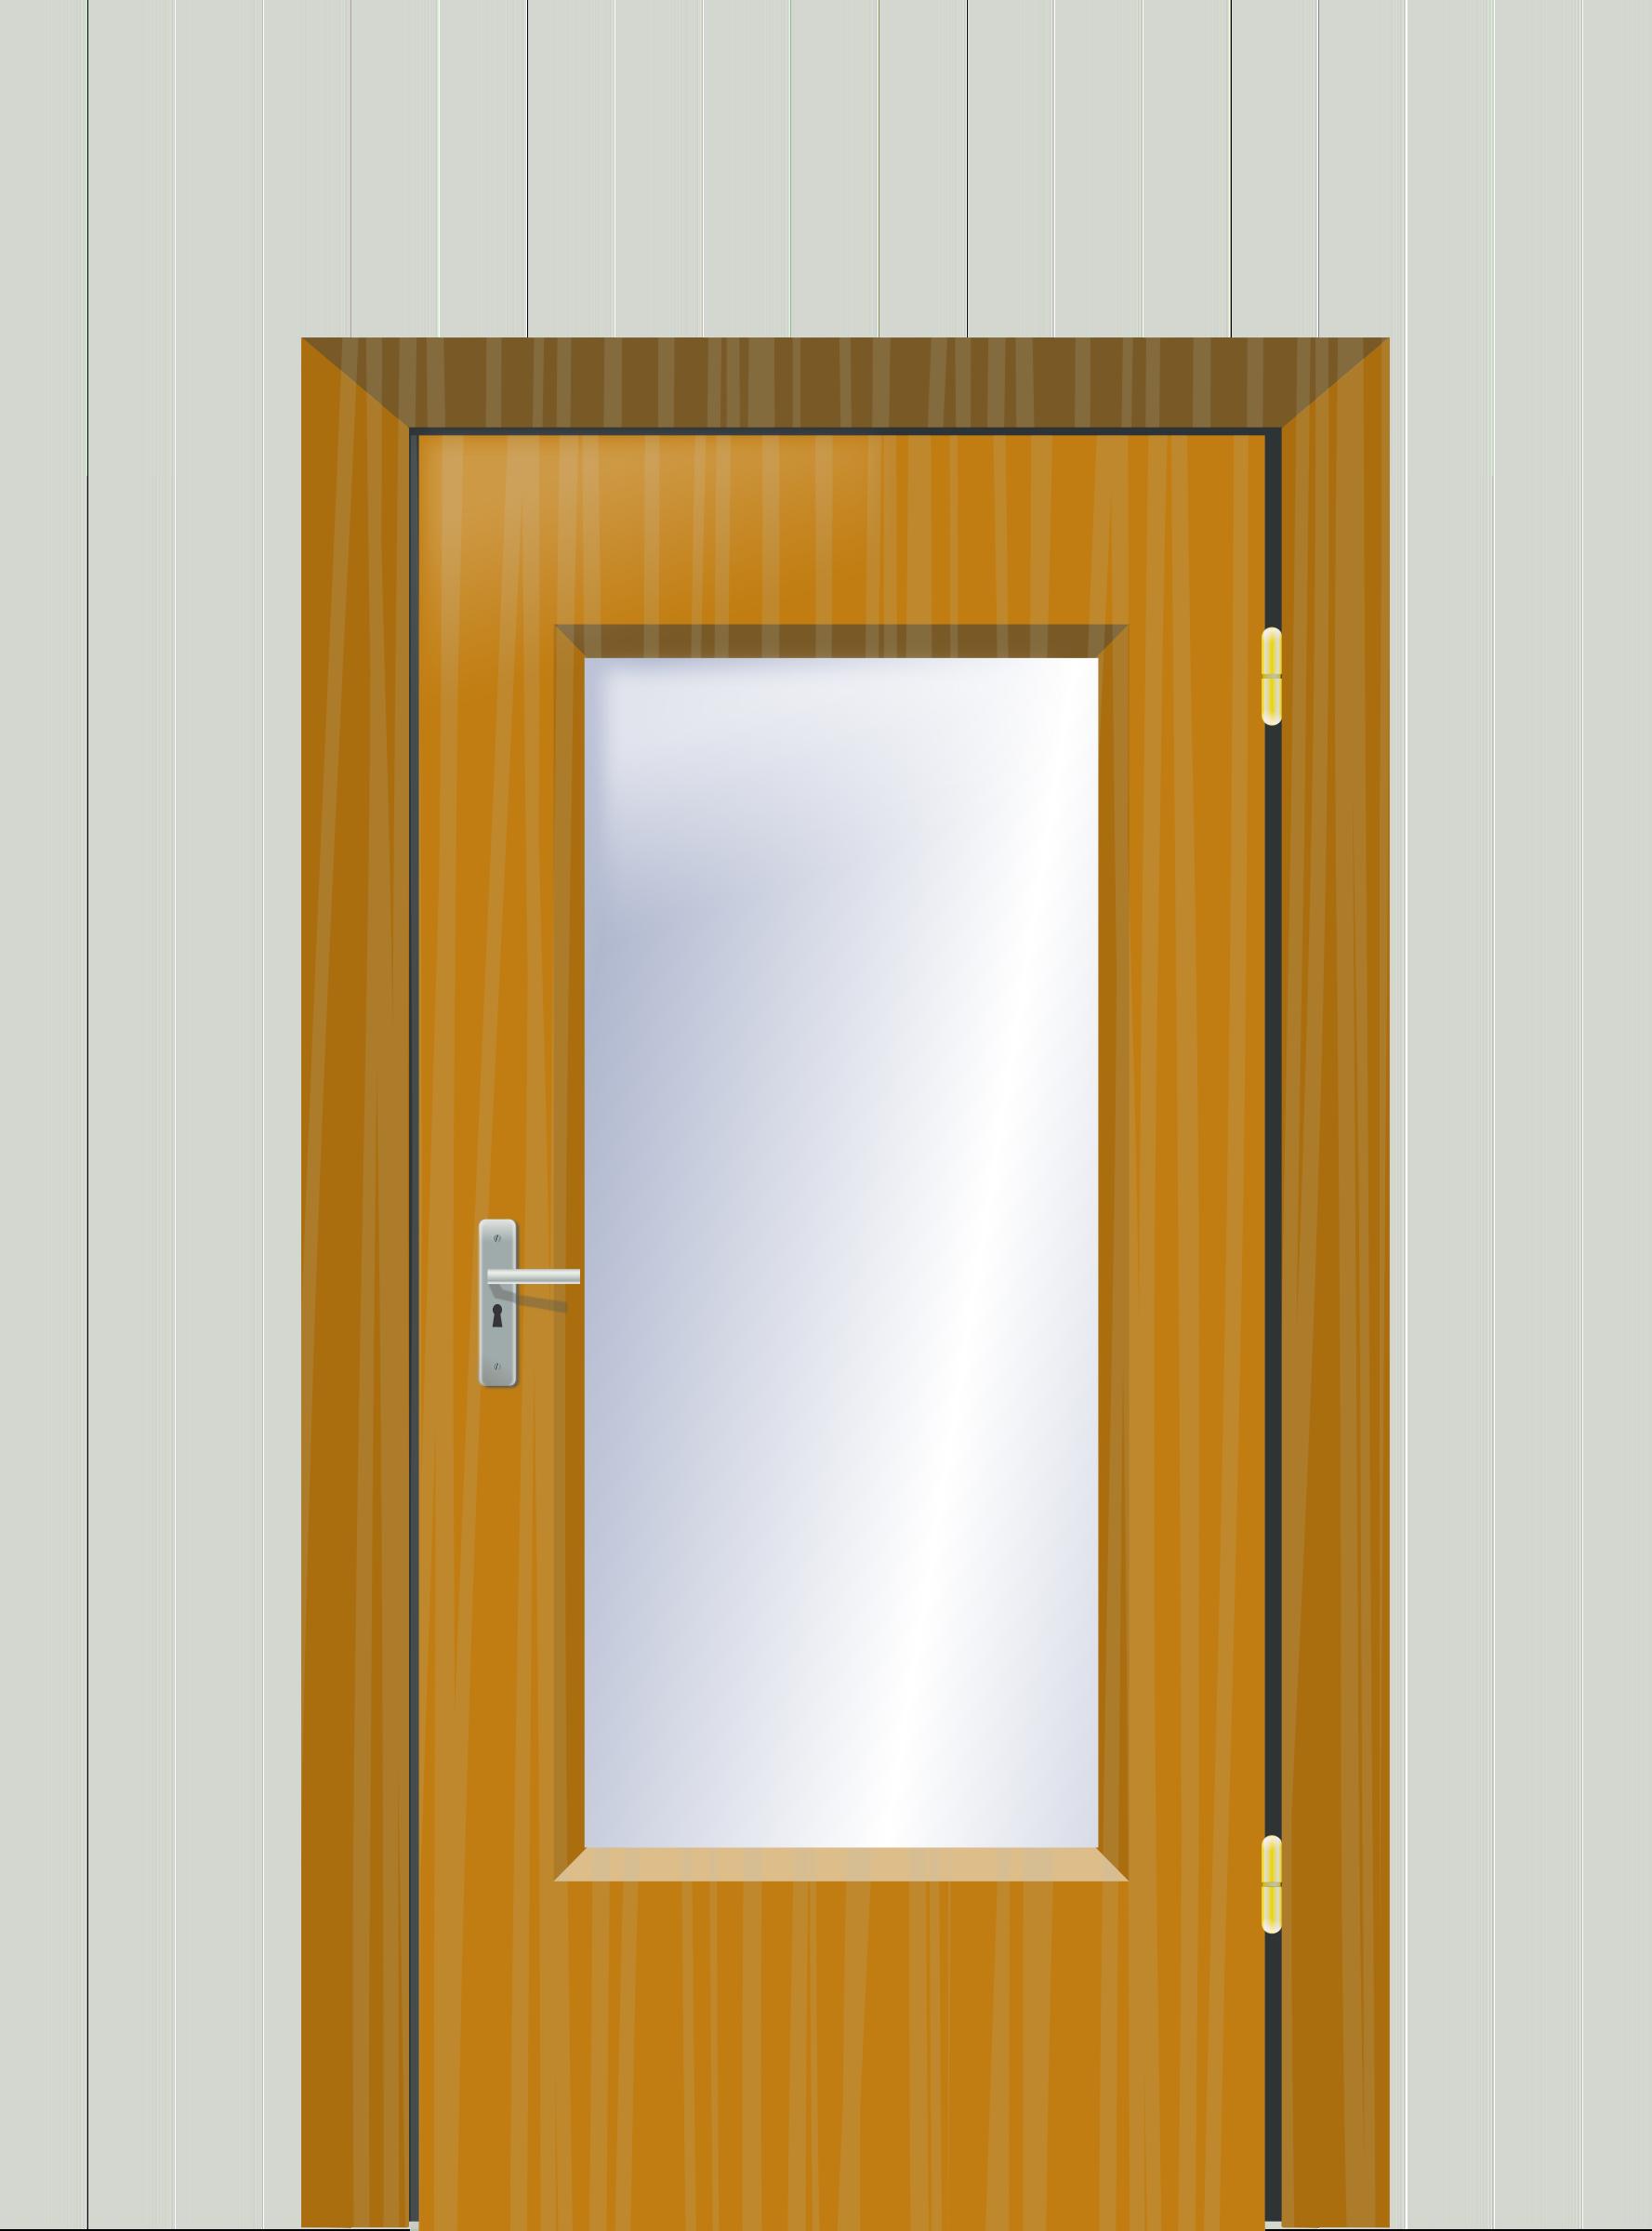 School door clipart picture library download Clipart - Door with cristal and wall picture library download